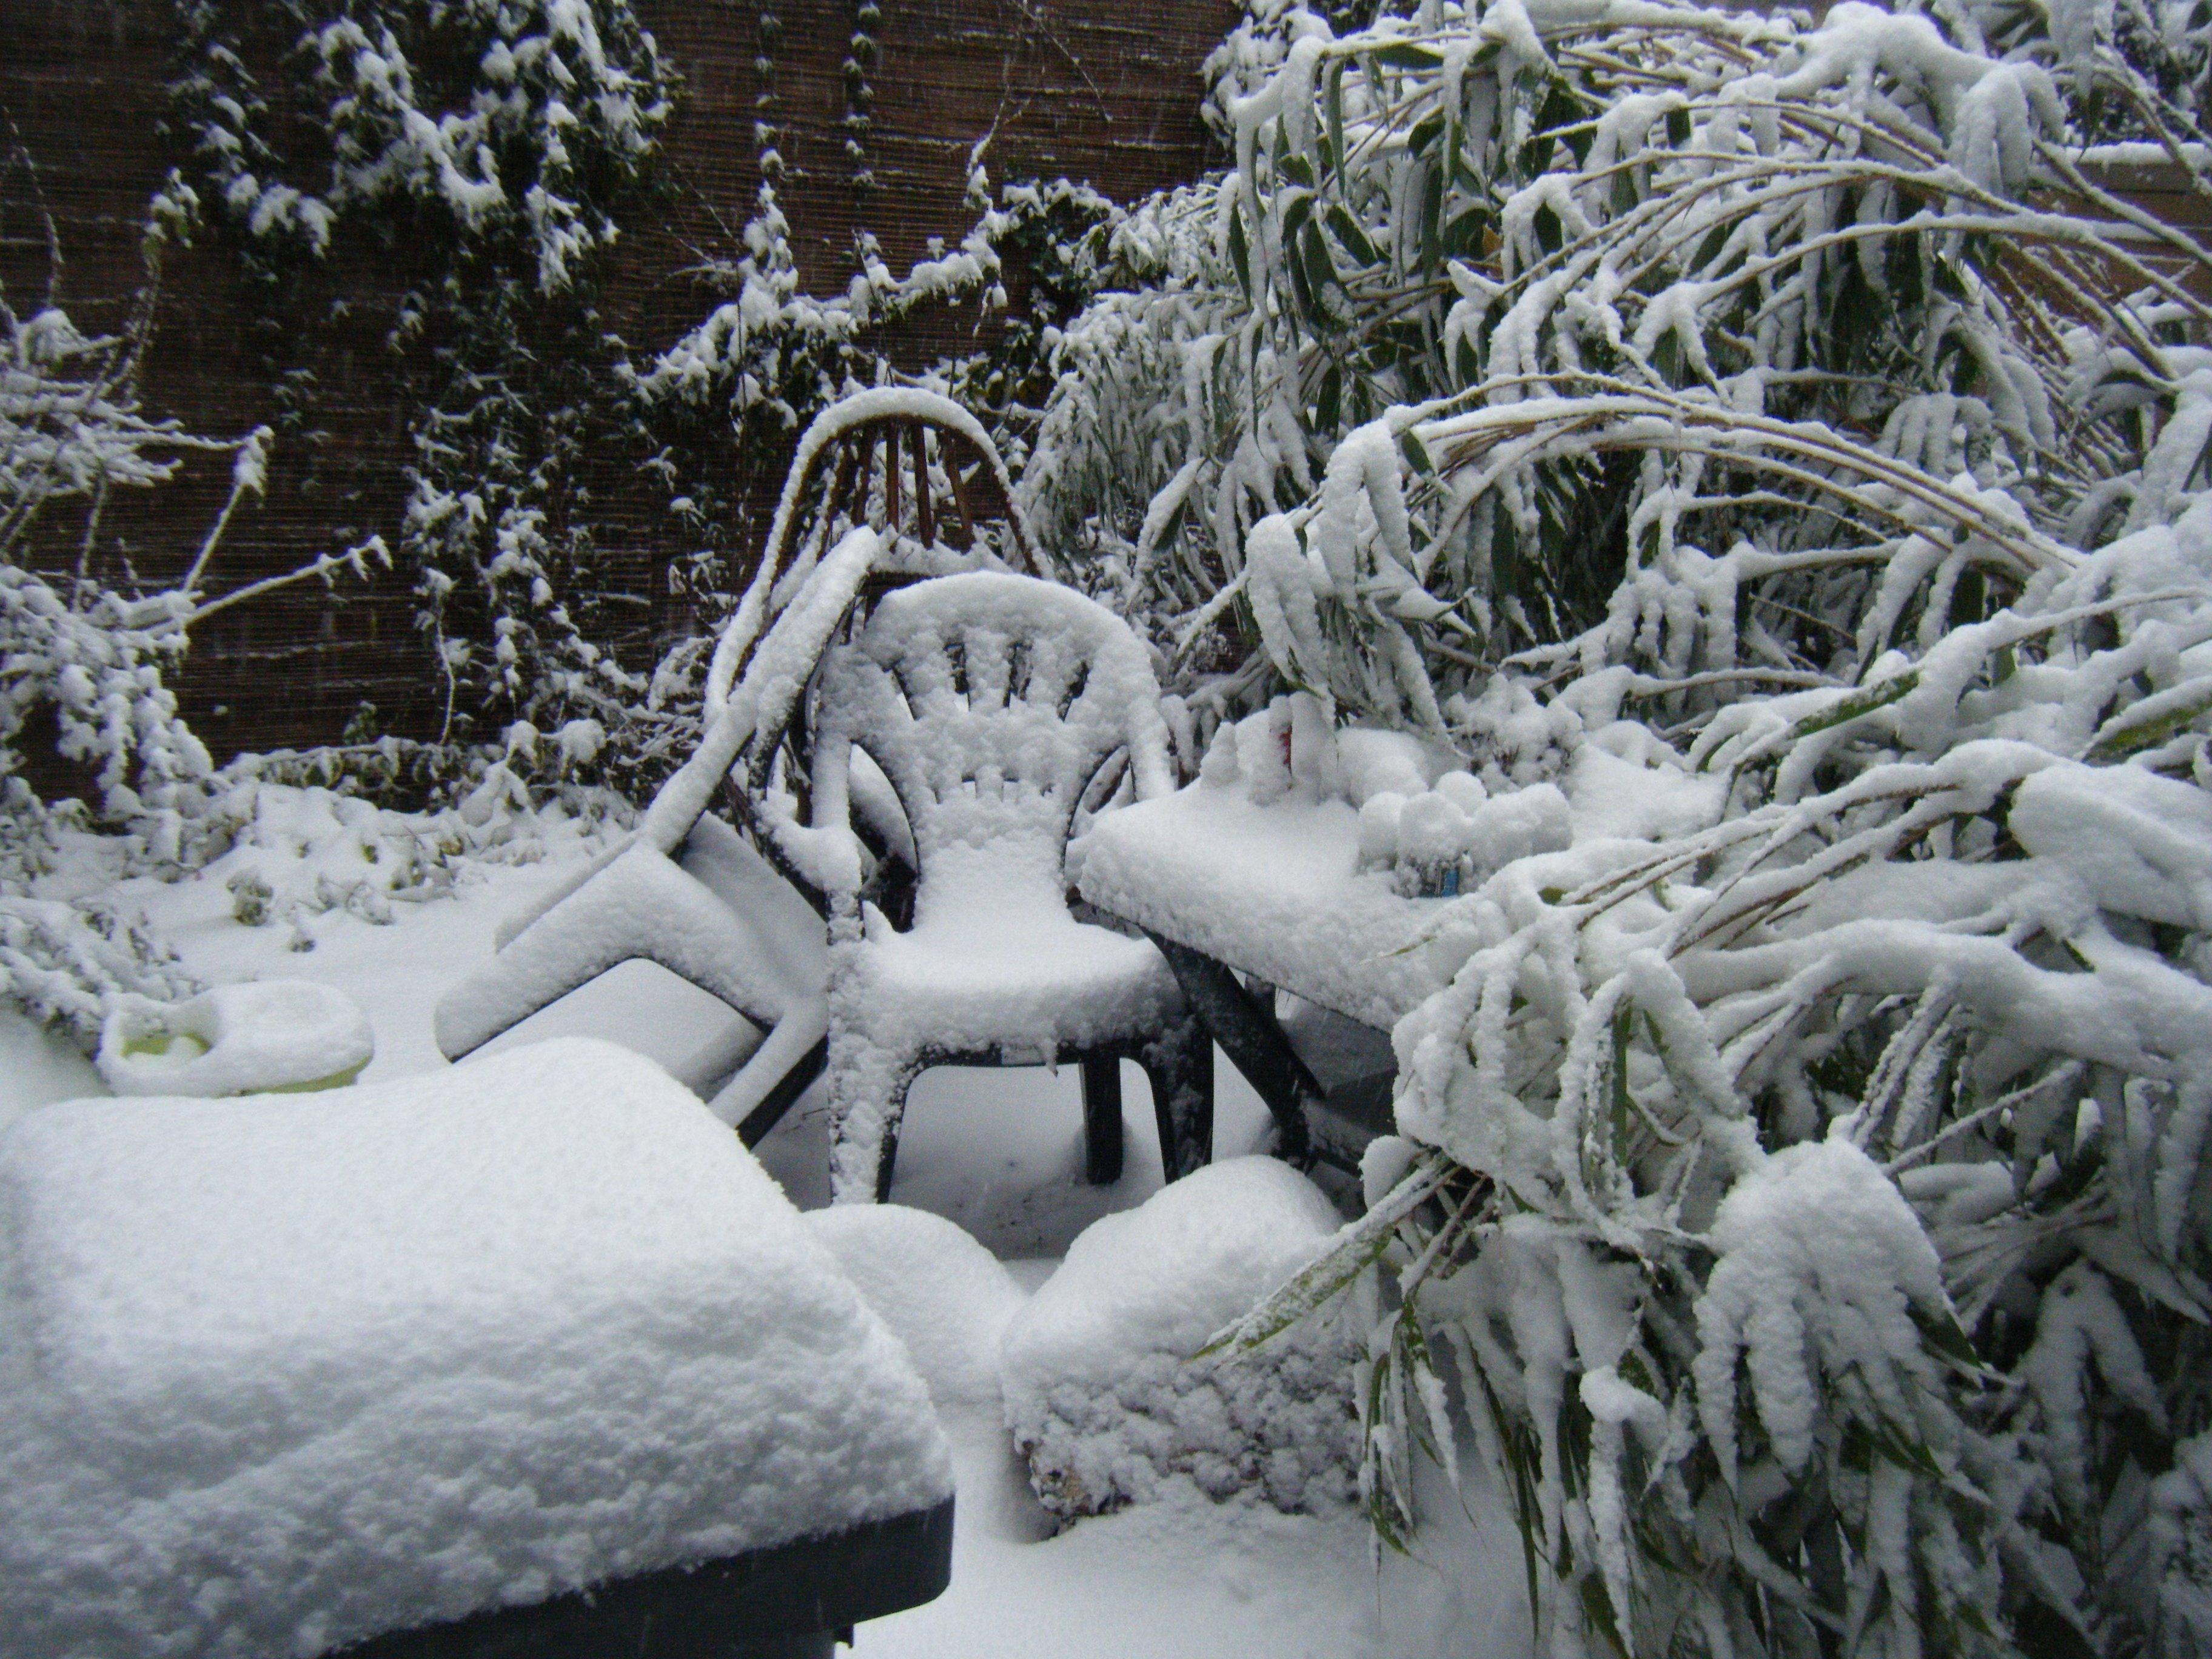 jardinsousneige002.jpg